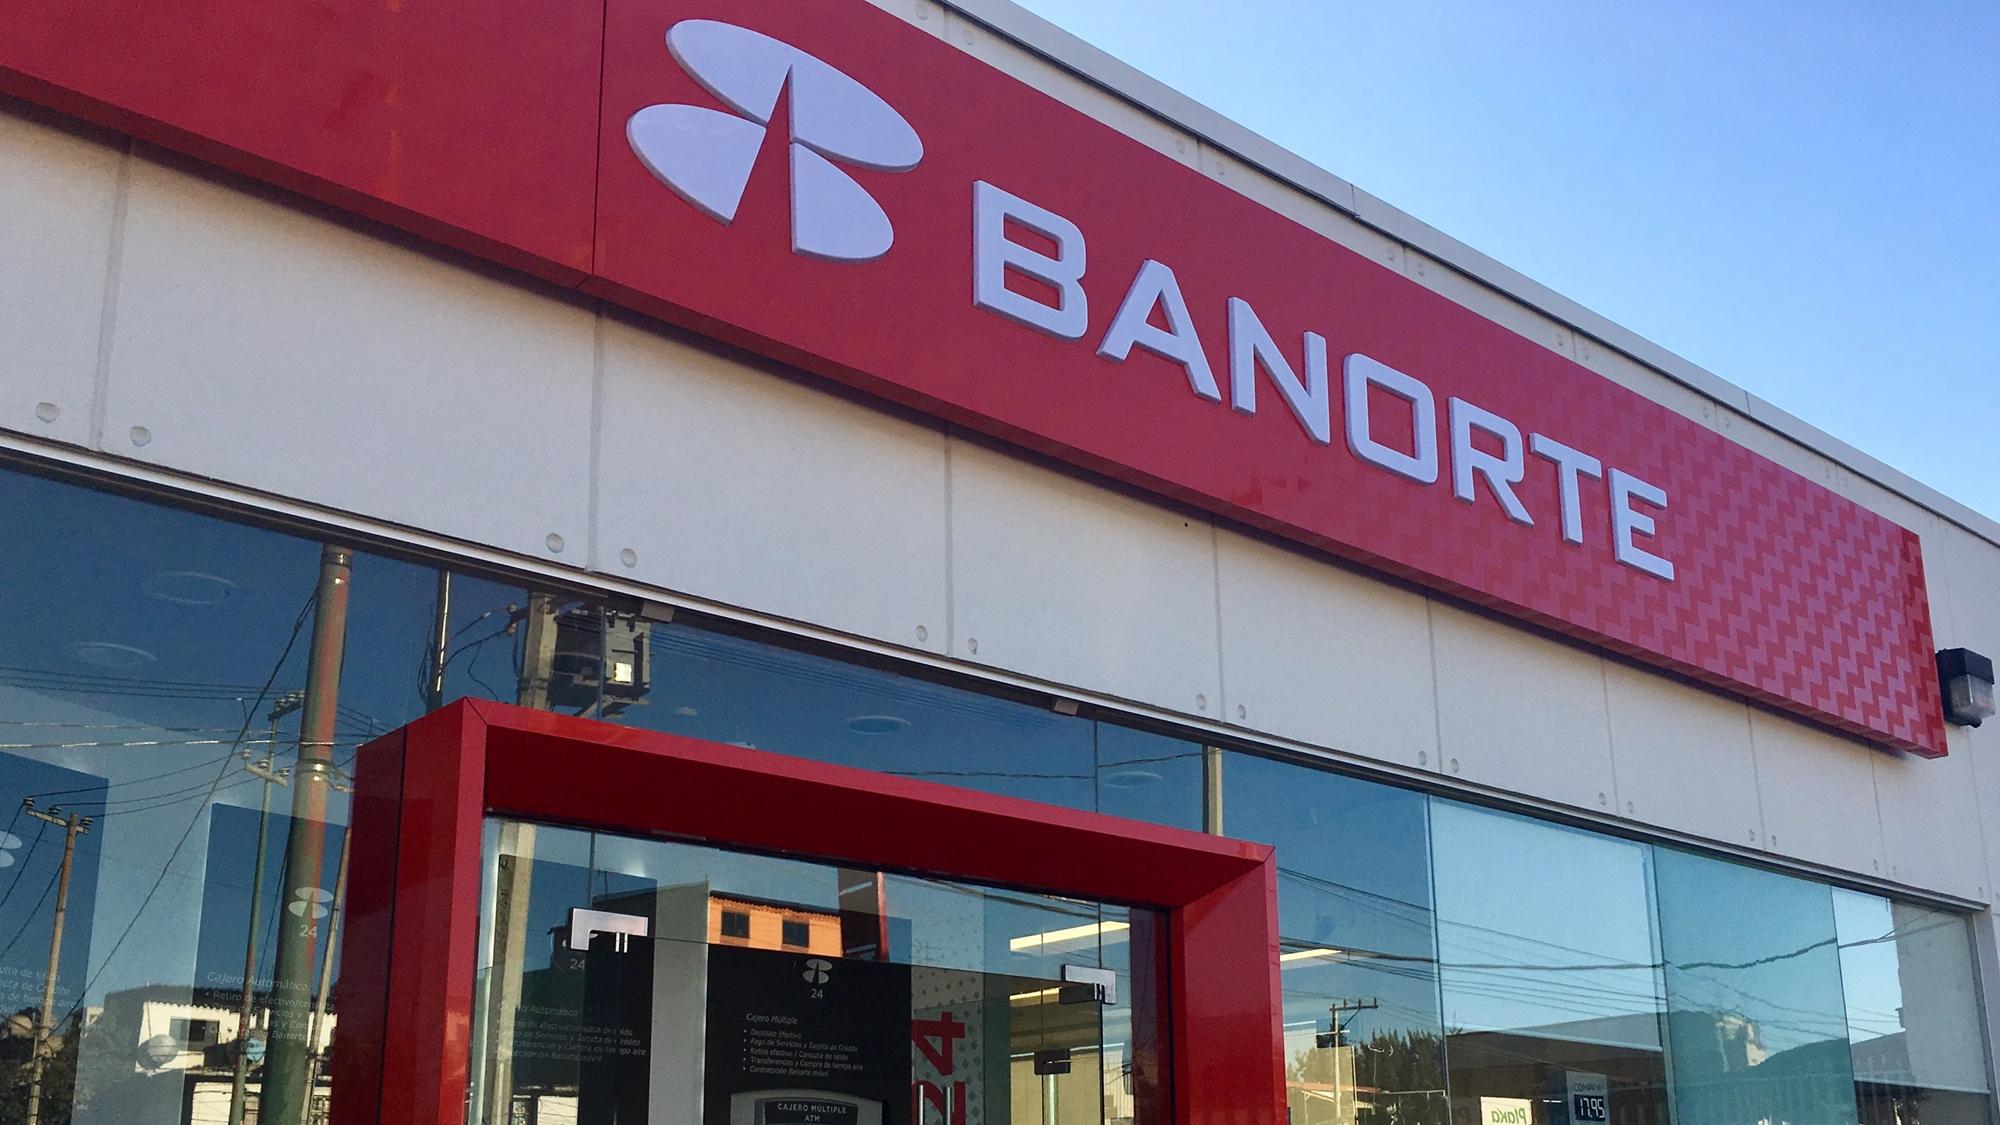 Ganancias de Banorte aumentaron 24% en cuarto trimestre